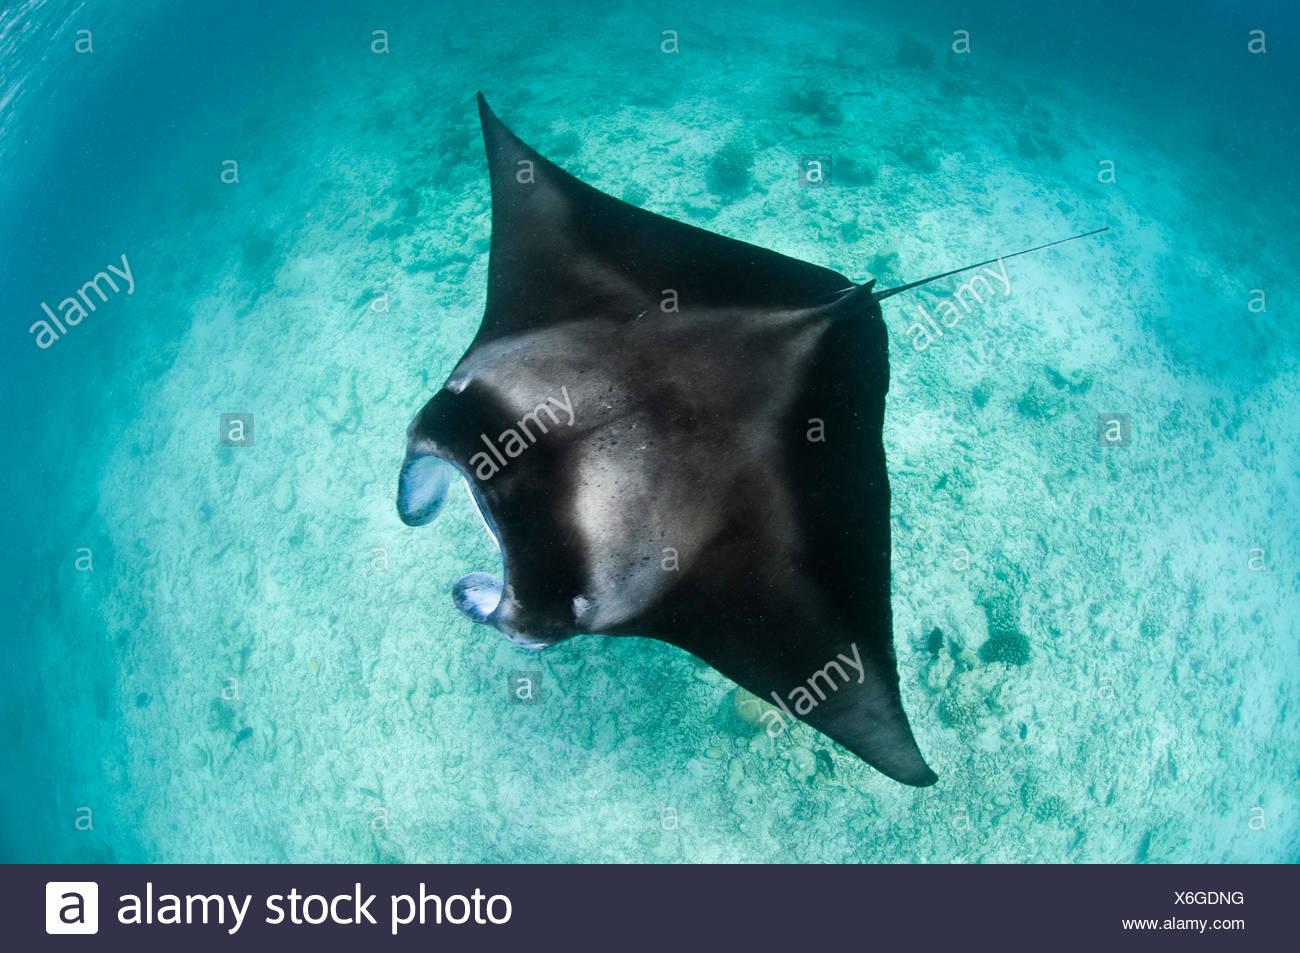 Großen Mantarochen (Manta Birostris) ernähren sich von Plankton in sehr flachem Wasser von der Oberfläche gesehen. Hanifaru Lagune, Baa Atoll, Malediven. Indischen Ozean. Stockbild